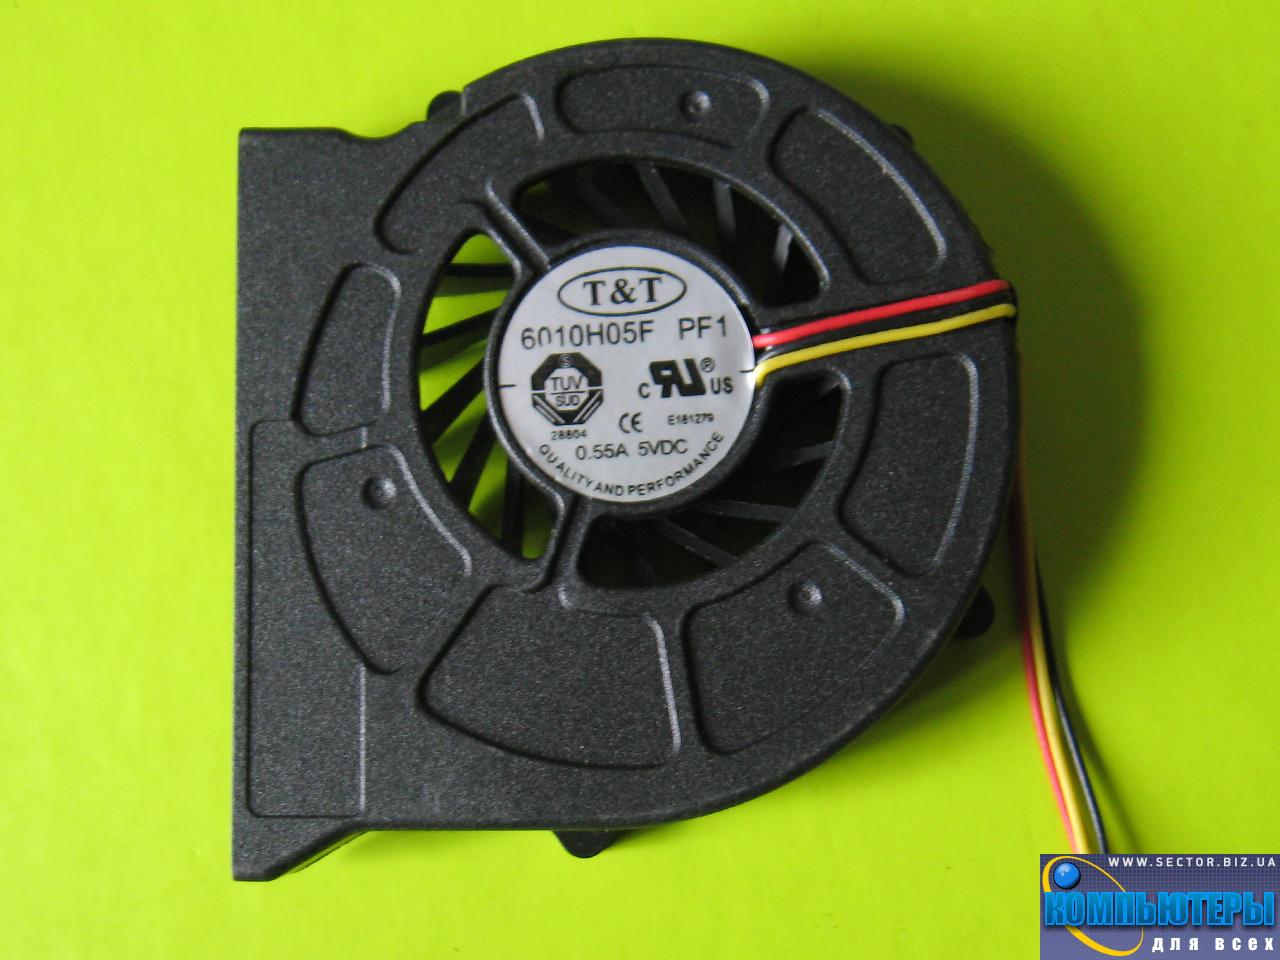 Кулер к ноутбуку MSI CR400 EX460 EX460X EX600 PR400 PR600 MS-1435 MX-1436 MS-1452 MS-163C p/n: 6010H05F PF1. Фото № 2.